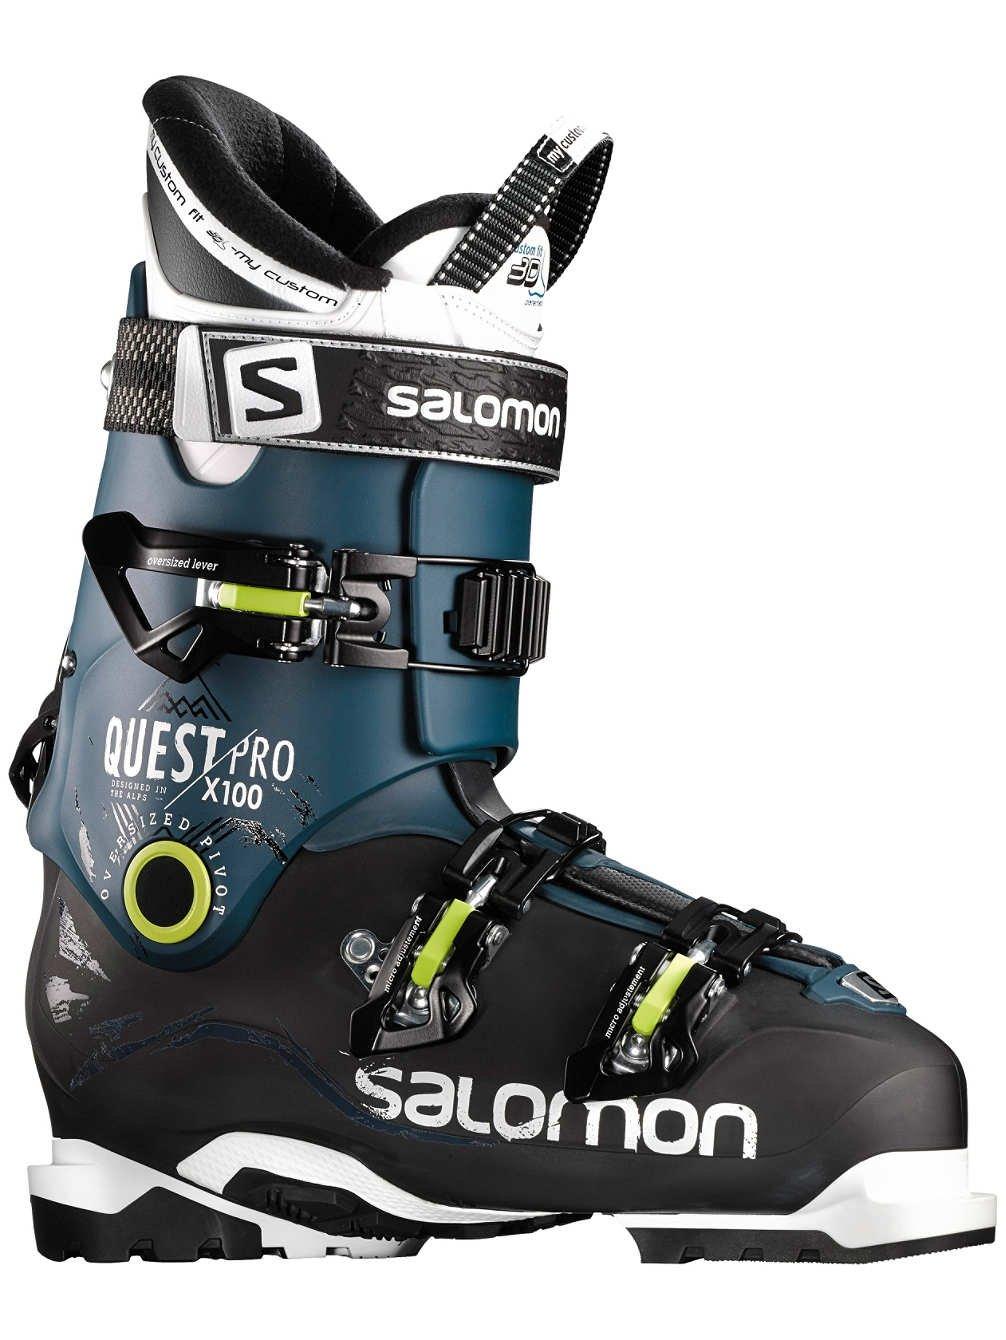 Ski Men X100 co ukSports Boot 2017Amazon Salomon Quest Pro N0wXnO8Pk